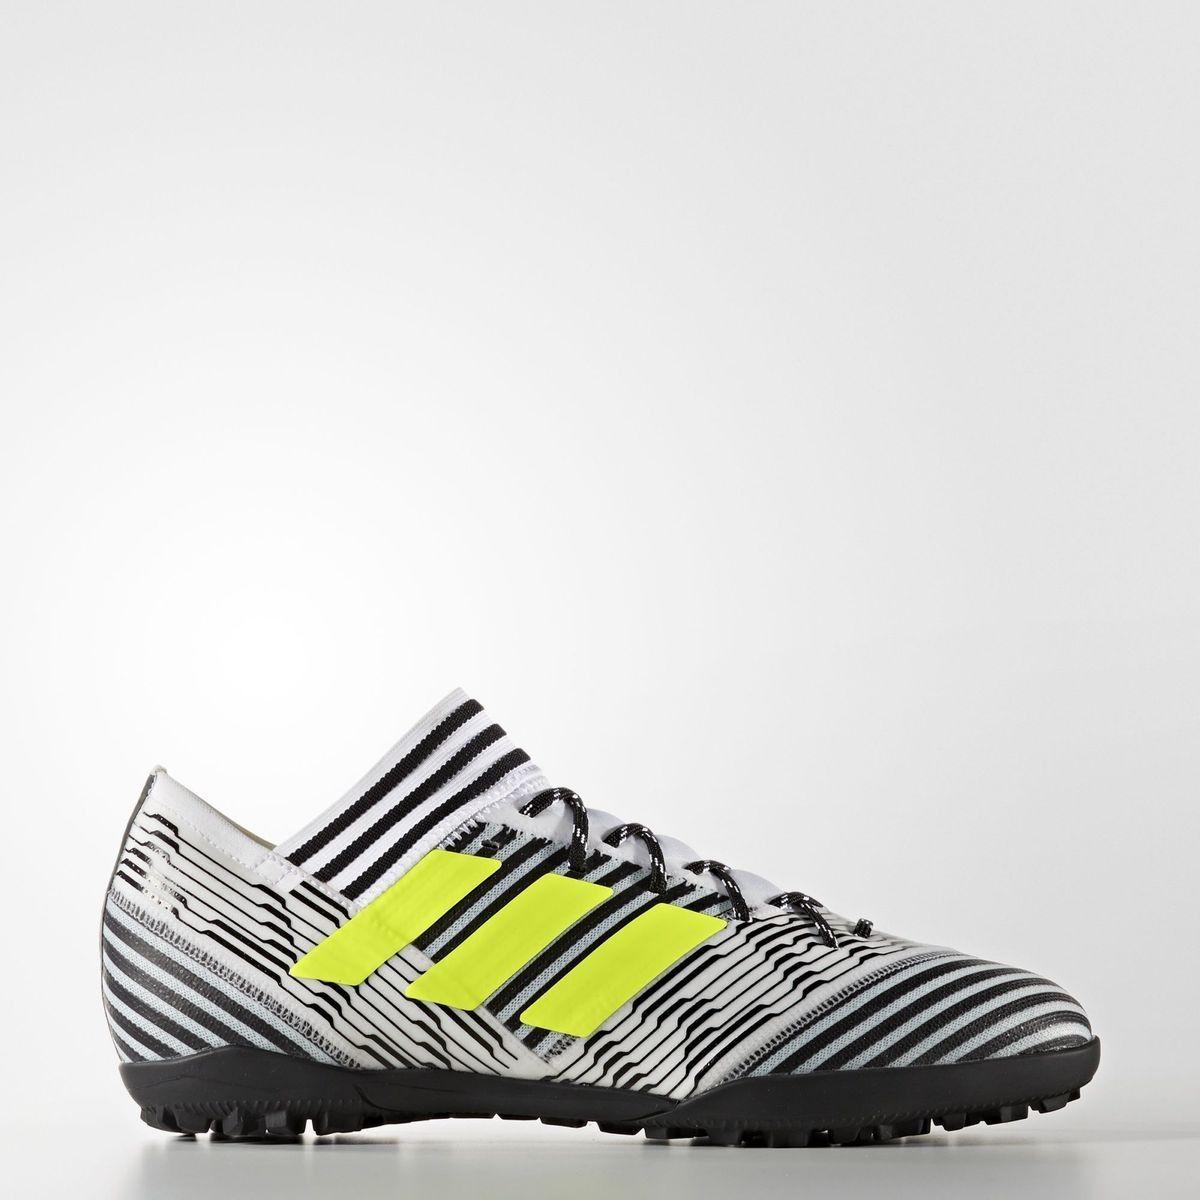 Chaussure Nemeziz Tango 17.3 Turf Taille : 40 | Football